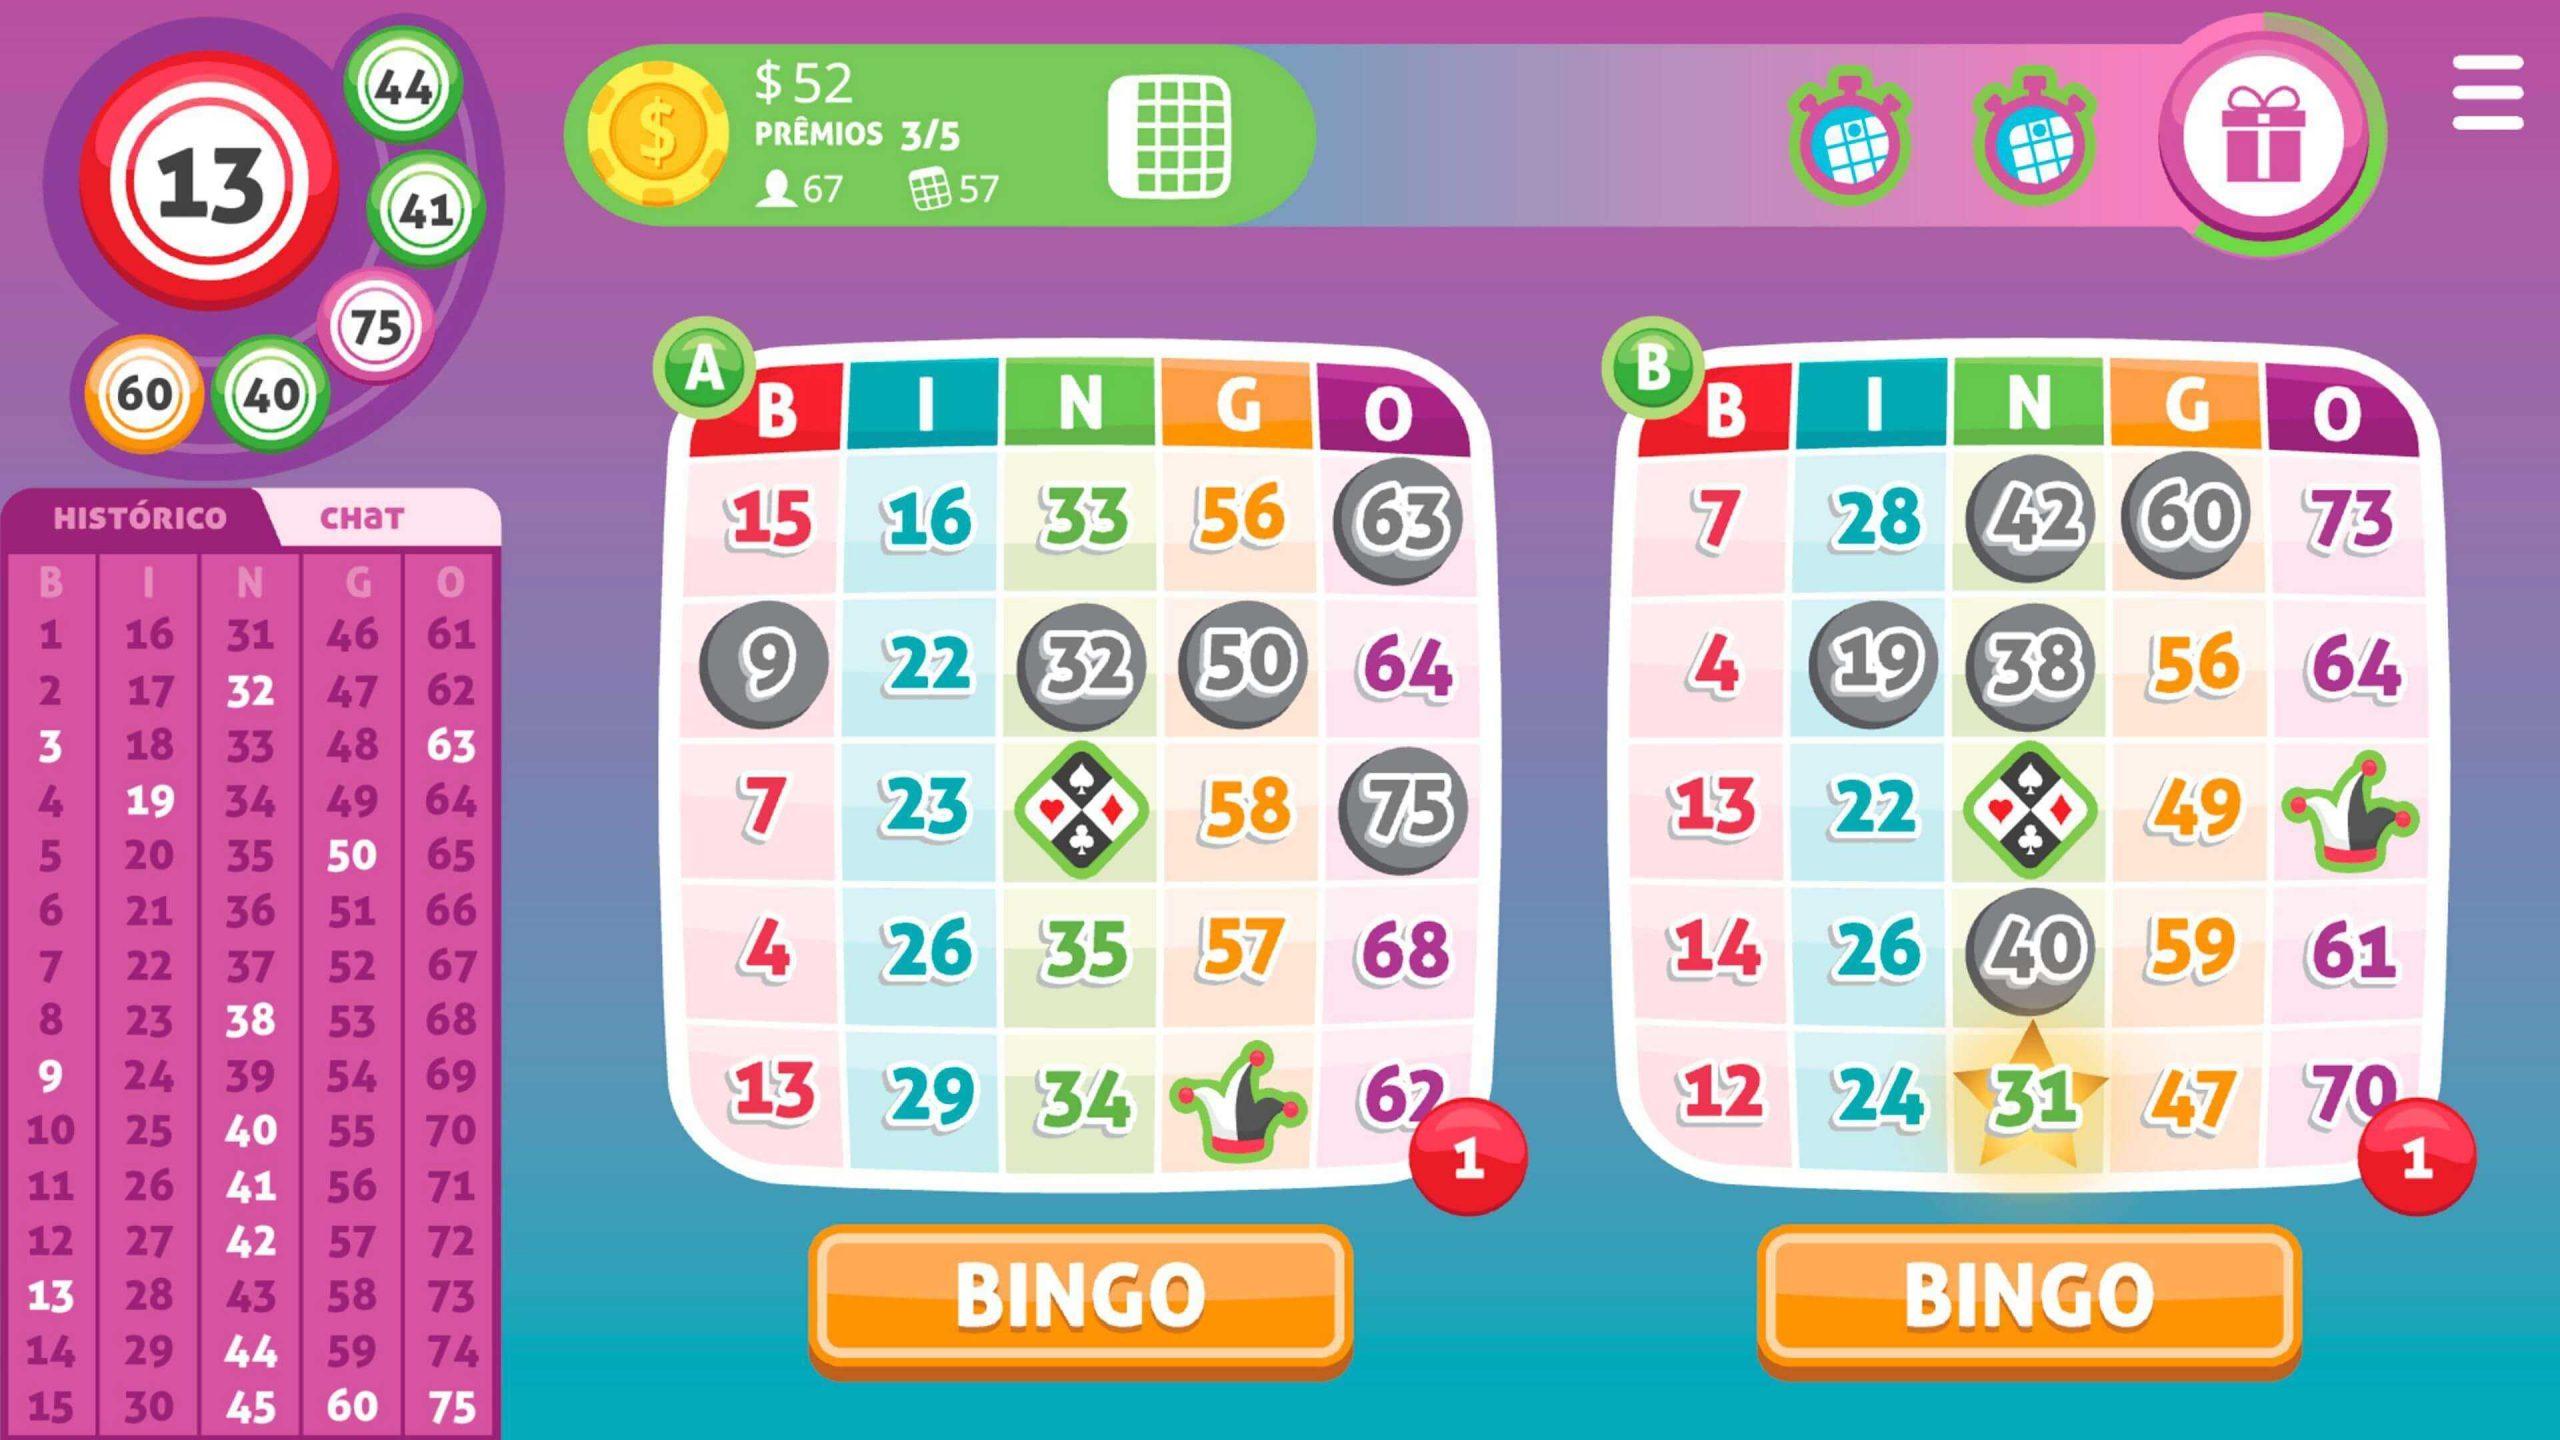 lọi ích khi chơi cá cược bingo online